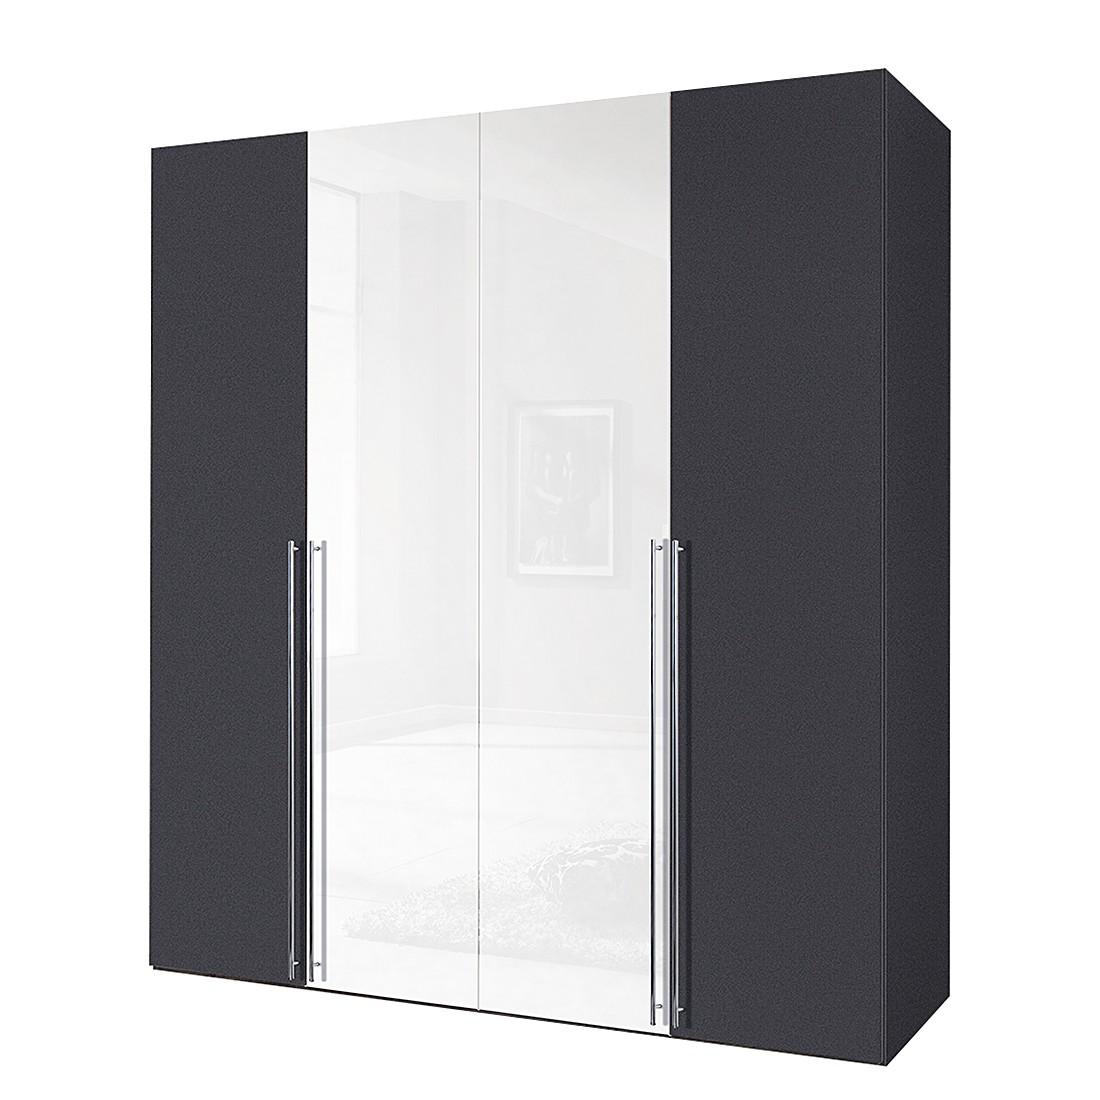 Armoire à portes battantes Brooklyn IX - Gris graphite / Vernis blanc - 100 cm (2 portes) - 216 cm,